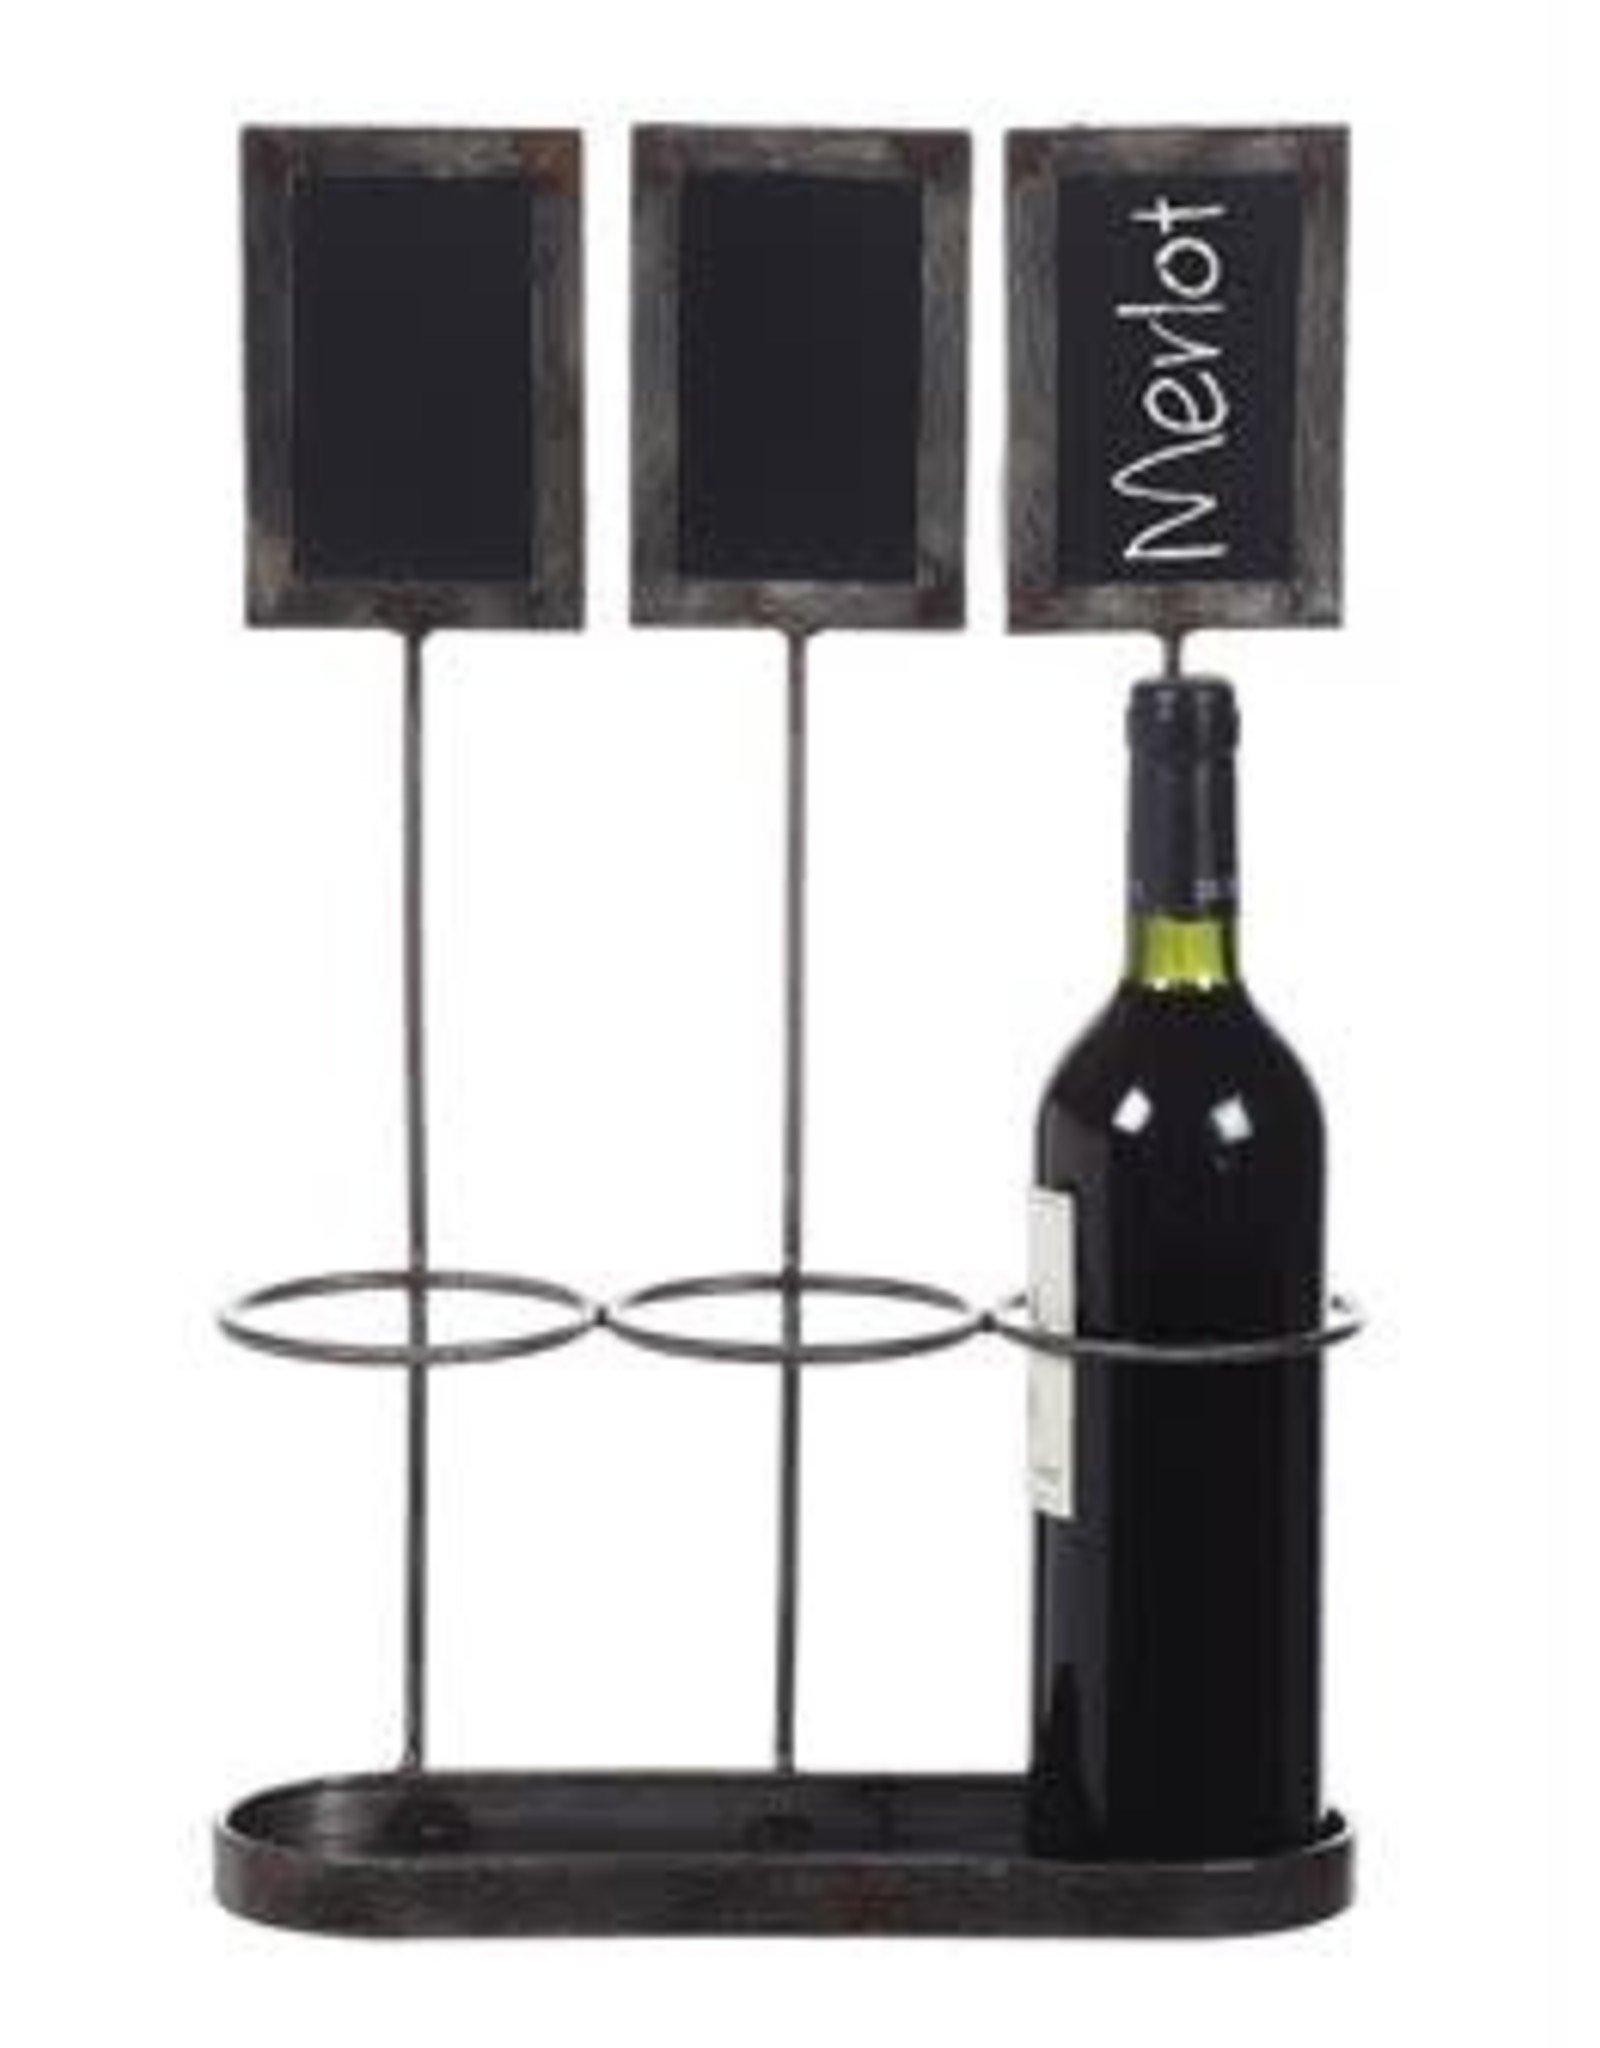 Wine Holder w/ Chalkboards